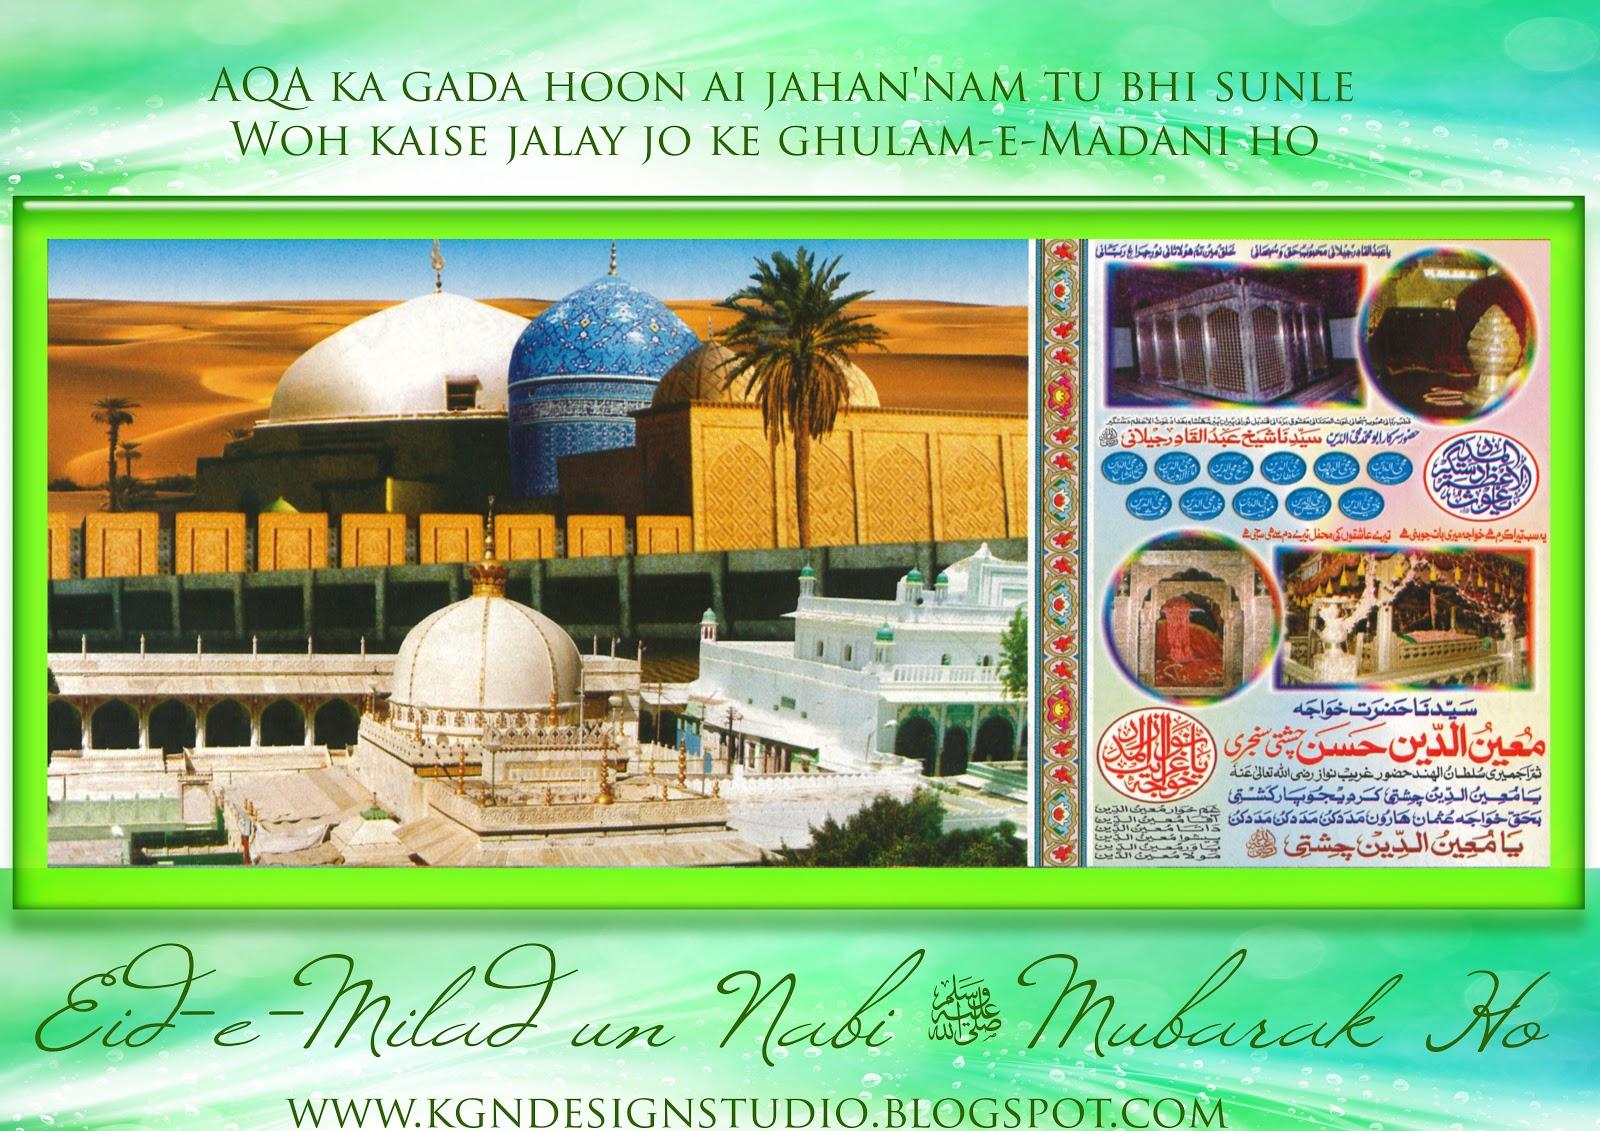 http://2.bp.blogspot.com/-P9AROYDyp3U/UObXnNPSK9I/AAAAAAAACQ8/j3nsfoPun_Q/s1600/Eid-e-Milad-Wallpaper-13.jpg